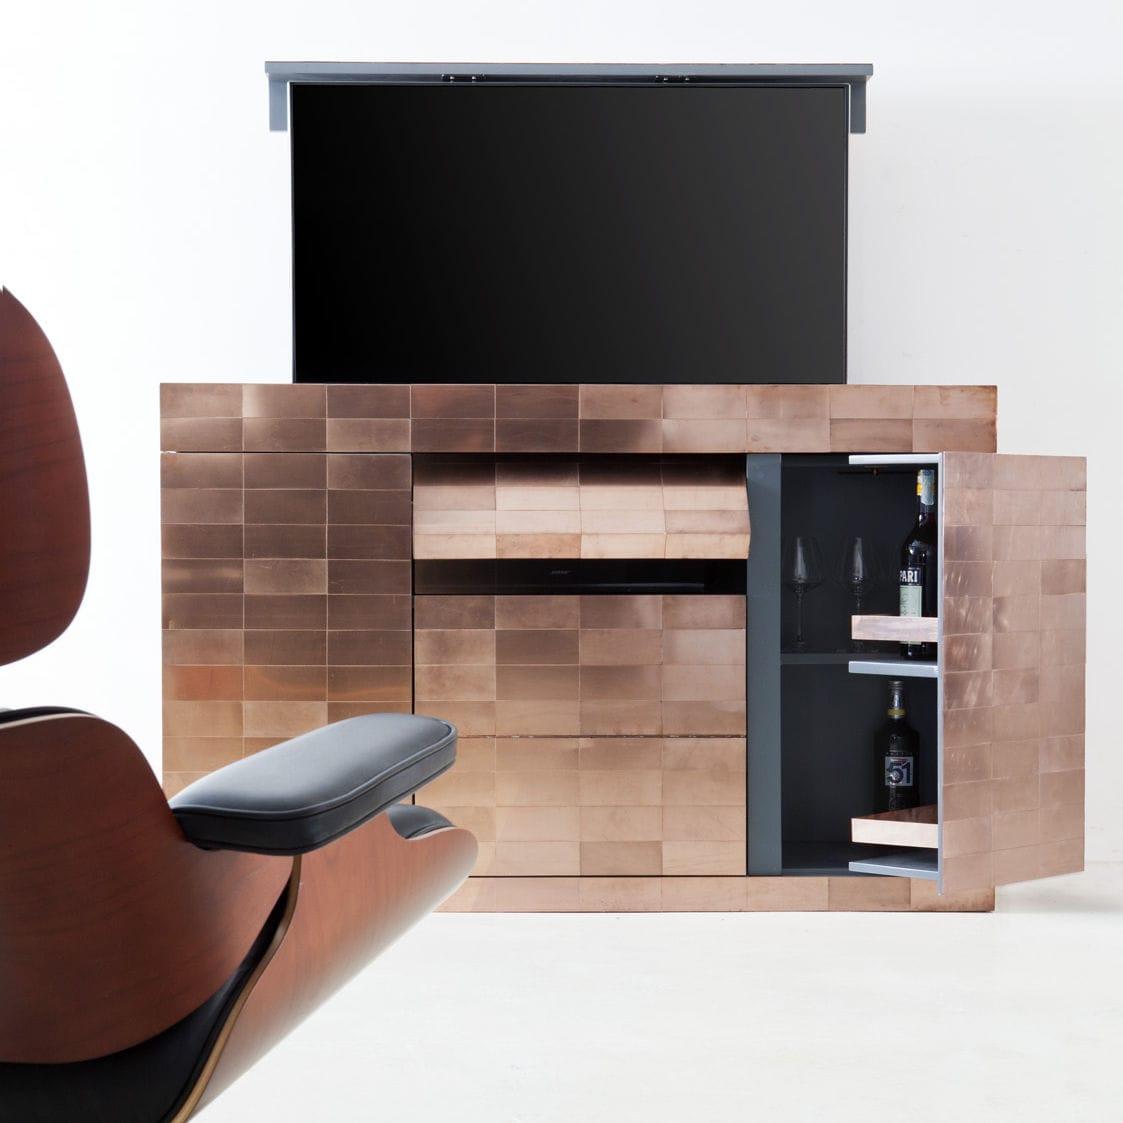 Meuble Tv Contemporain Sur Mesure Pour Chambre D H Tel  # Meuble Tv Ascenseur